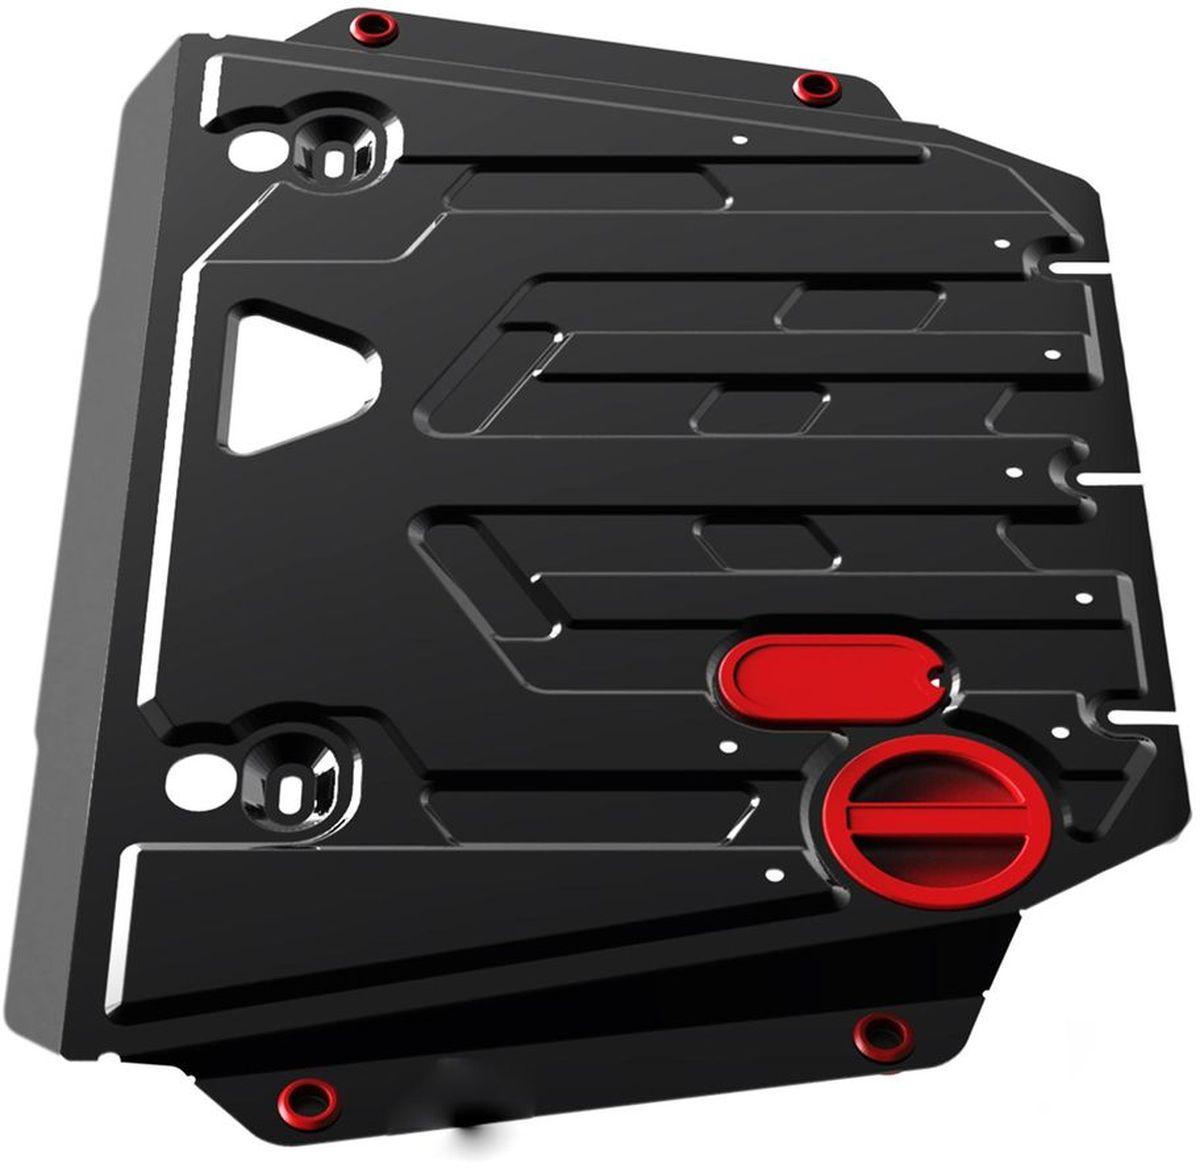 Защита картера и КПП Автоброня, для Chevrolet Spark V - 0,8 ;1,0; 1,2 (2005-2010)111.01008.1Технологически совершенный продукт за невысокую стоимость. Защита разработана с учетом особенностей днища автомобиля, что позволяет сохранить дорожный просвет с минимальным изменением. Защита устанавливается в штатные места кузова автомобиля. Глубокий штамп обеспечивает до двух раз больше жесткости в сравнении с обычной защитой той же толщины. Проштампованные ребра жесткости препятствуют деформации защиты при ударах. Тепловой зазор и вентиляционные отверстия обеспечивают сохранение температурного режима двигателя в норме. Скрытый крепеж предотвращает срыв крепежных элементов при наезде на препятствие. Шумопоглощающие резиновые элементы обеспечивают комфортную езду без вибраций и скрежета металла, а съемные лючки для слива масла и замены фильтра - экономию средств и время. Конструкция изделия не влияет на пассивную безопасность автомобиля (при ударе защита не воздействует на деформационные зоны кузова). Со штатным крепежом. В комплекте инструкция по установке....